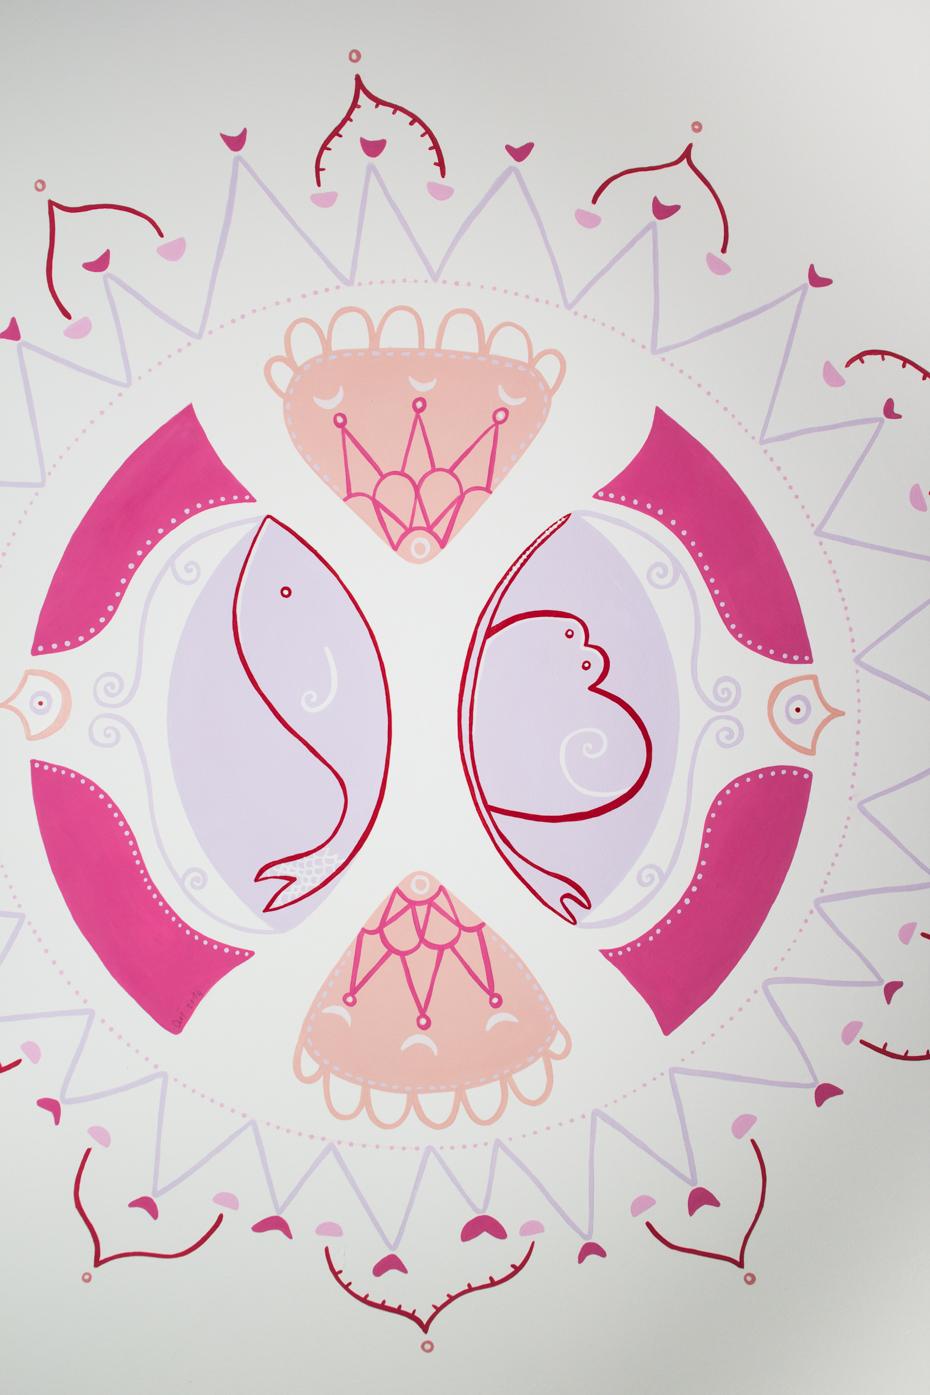 murales Miralda small24092014-IMG_9659